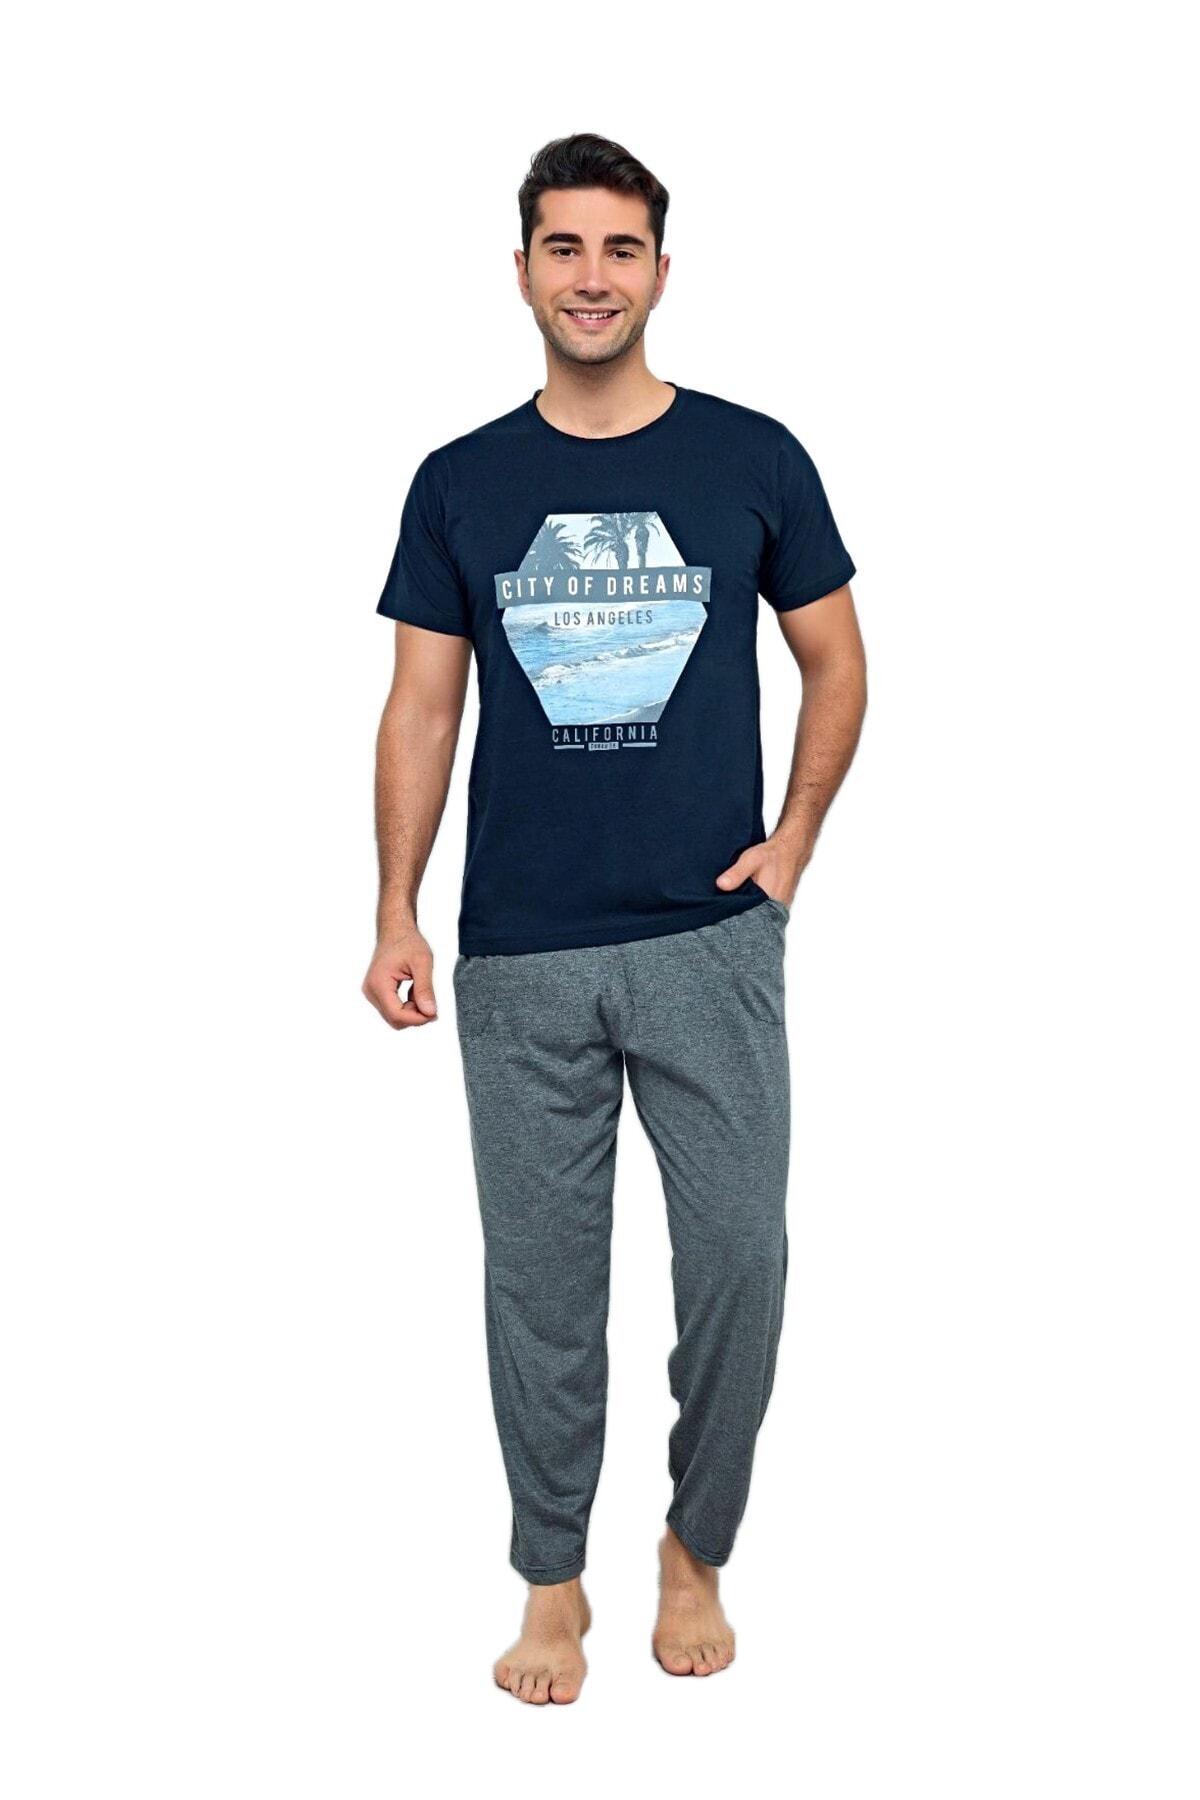 Tyler Lacivert/gri Pijama Takımı